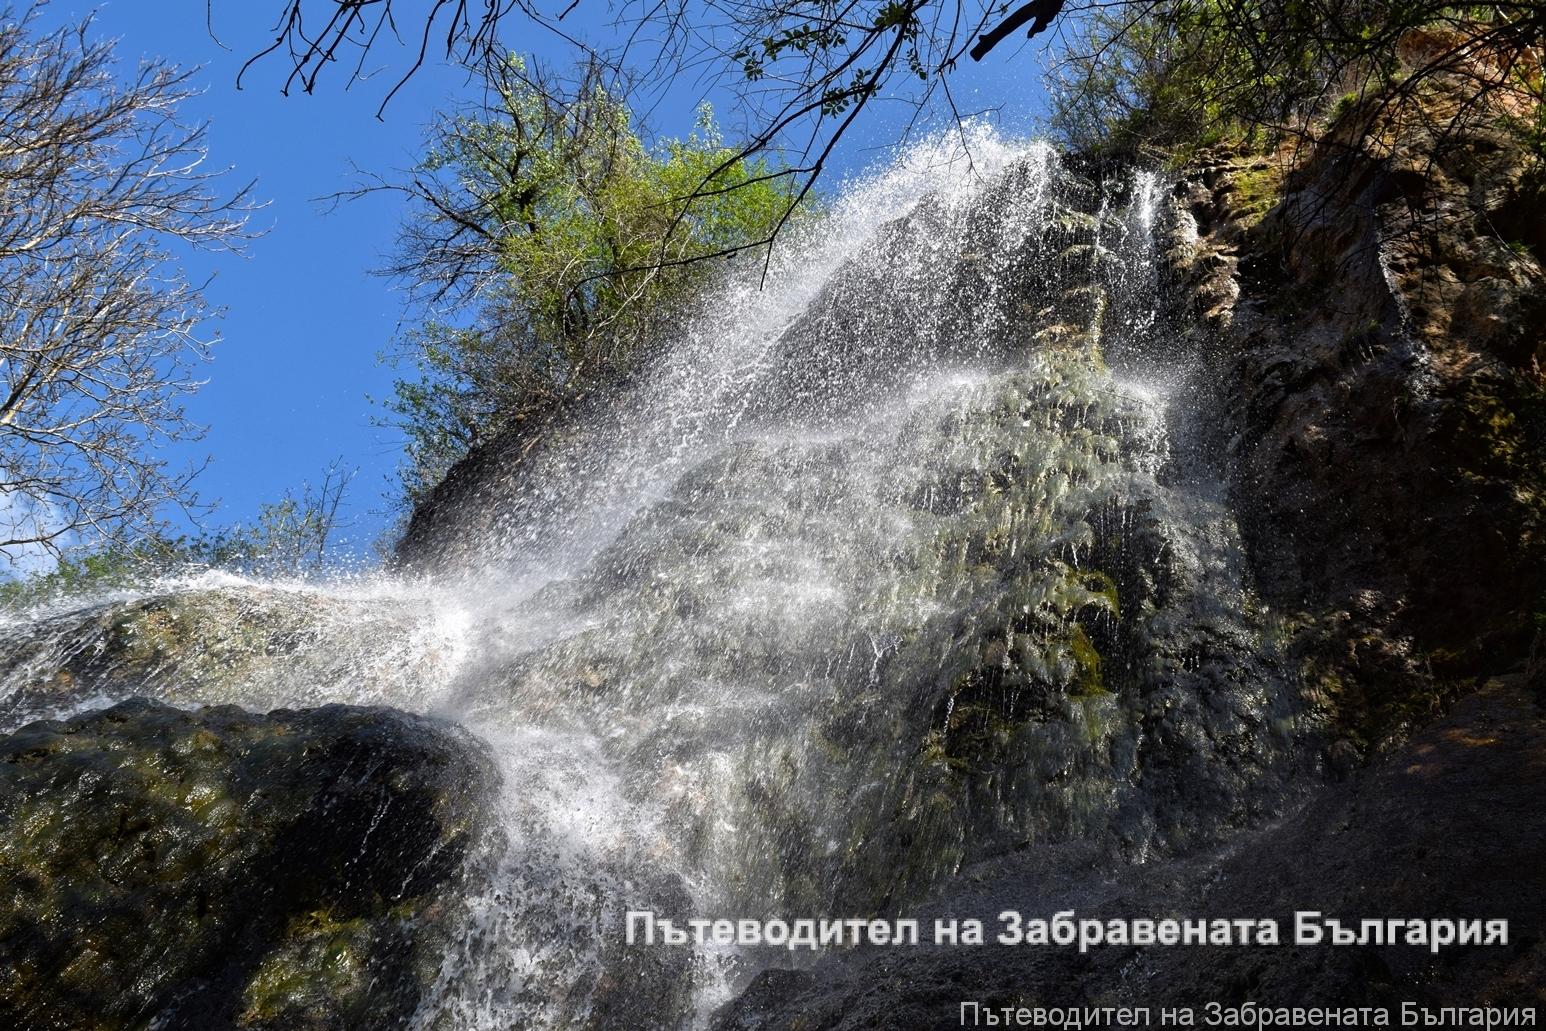 Една история в снимки - от Пещерския водопад до Враня стена